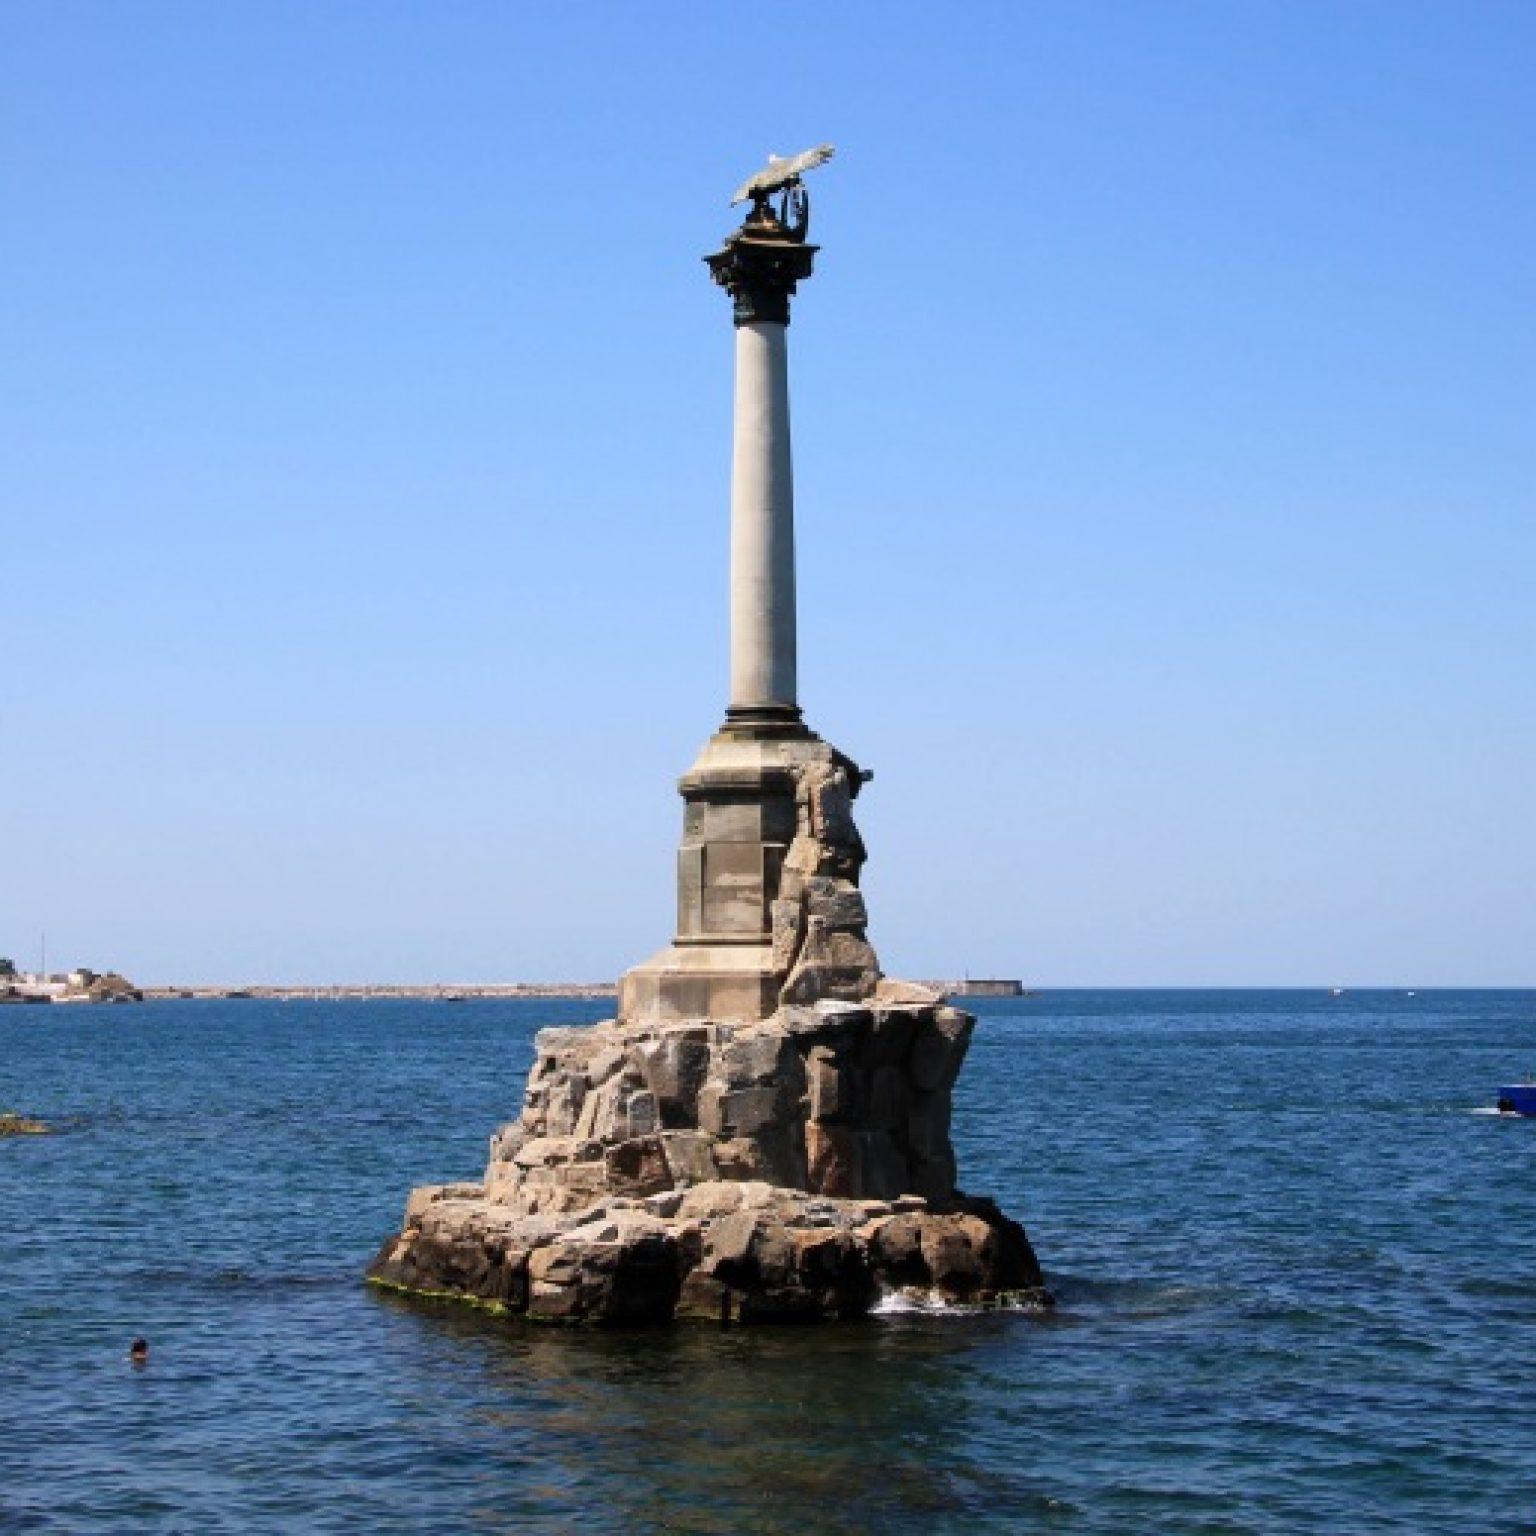 Достопримечательности Севастополя - Памятник затопленным кораблям